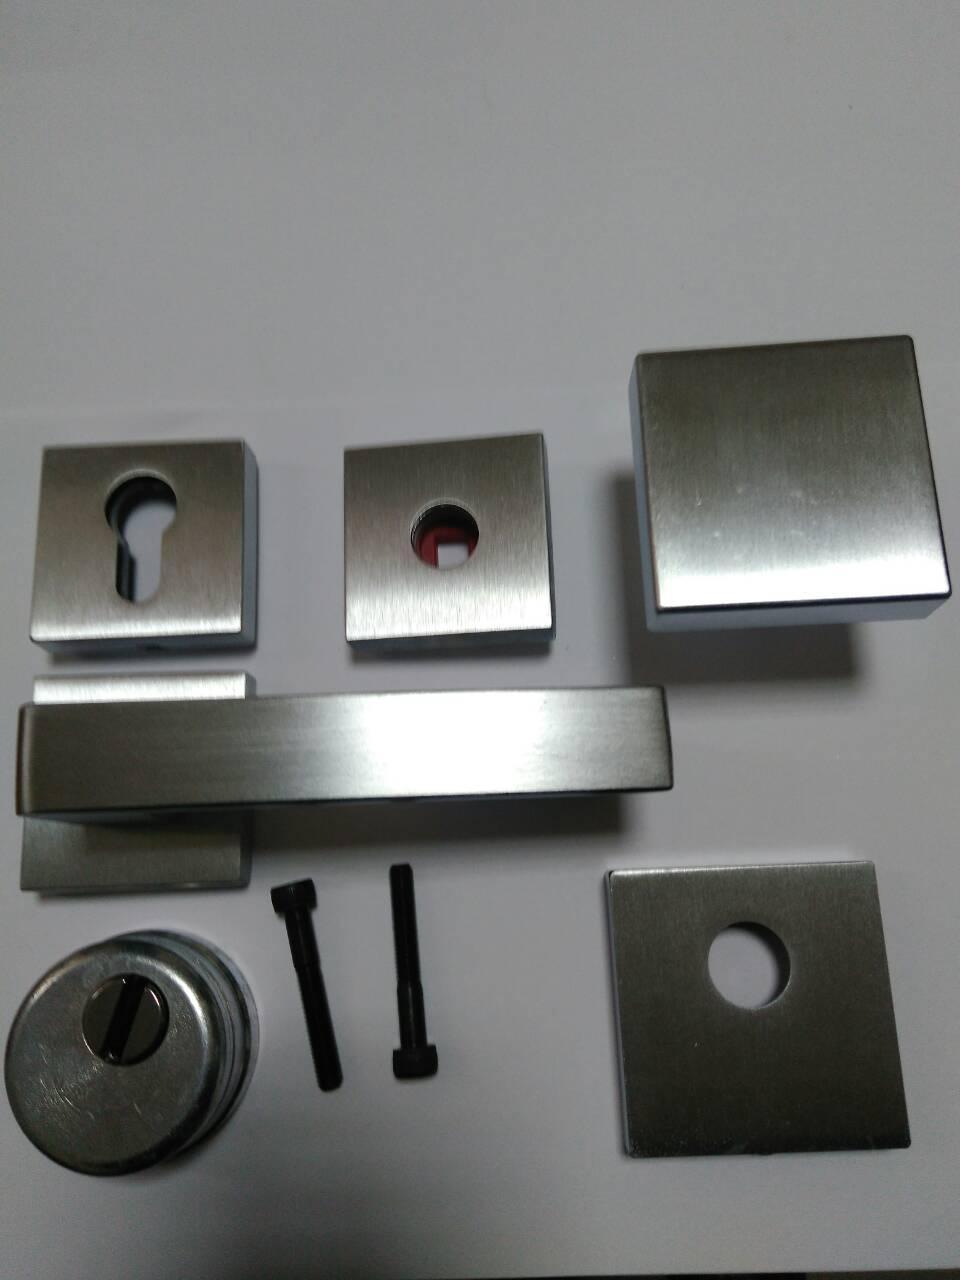 Комплект Quadra для входной двери (ручка,кноб,накладка под цилиндр,броненакладка) хром матовый